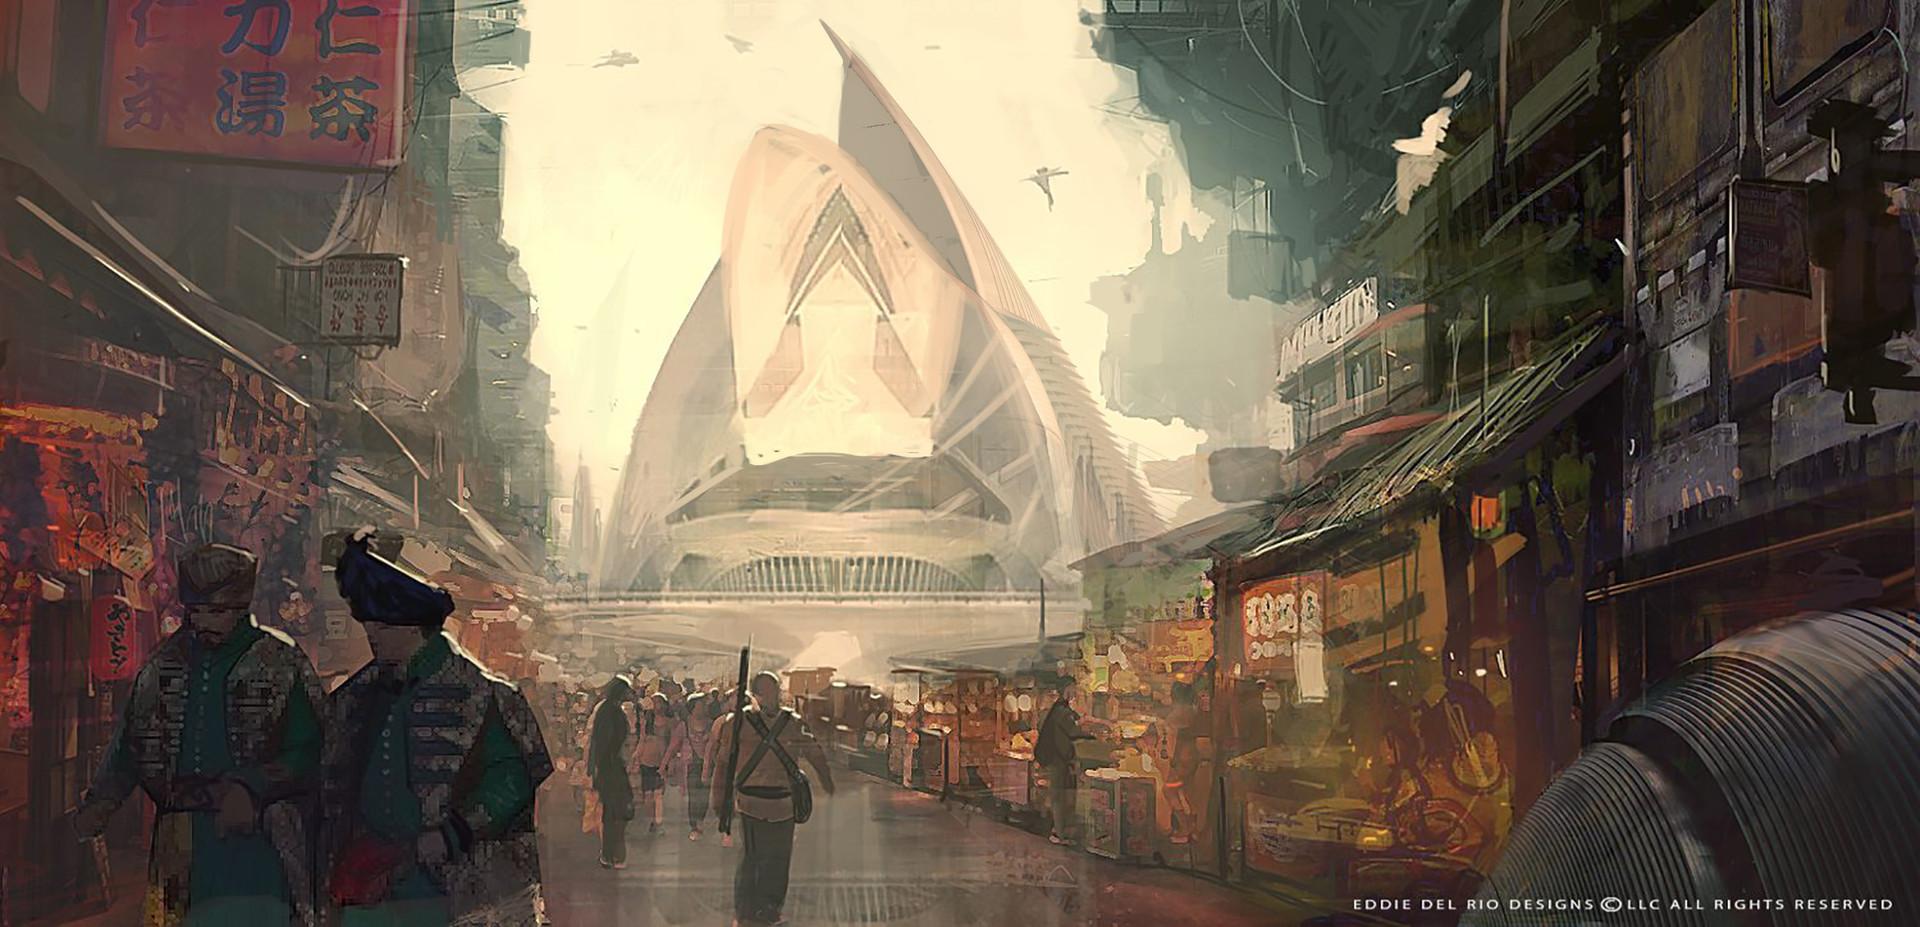 Eddie del rio sketch city